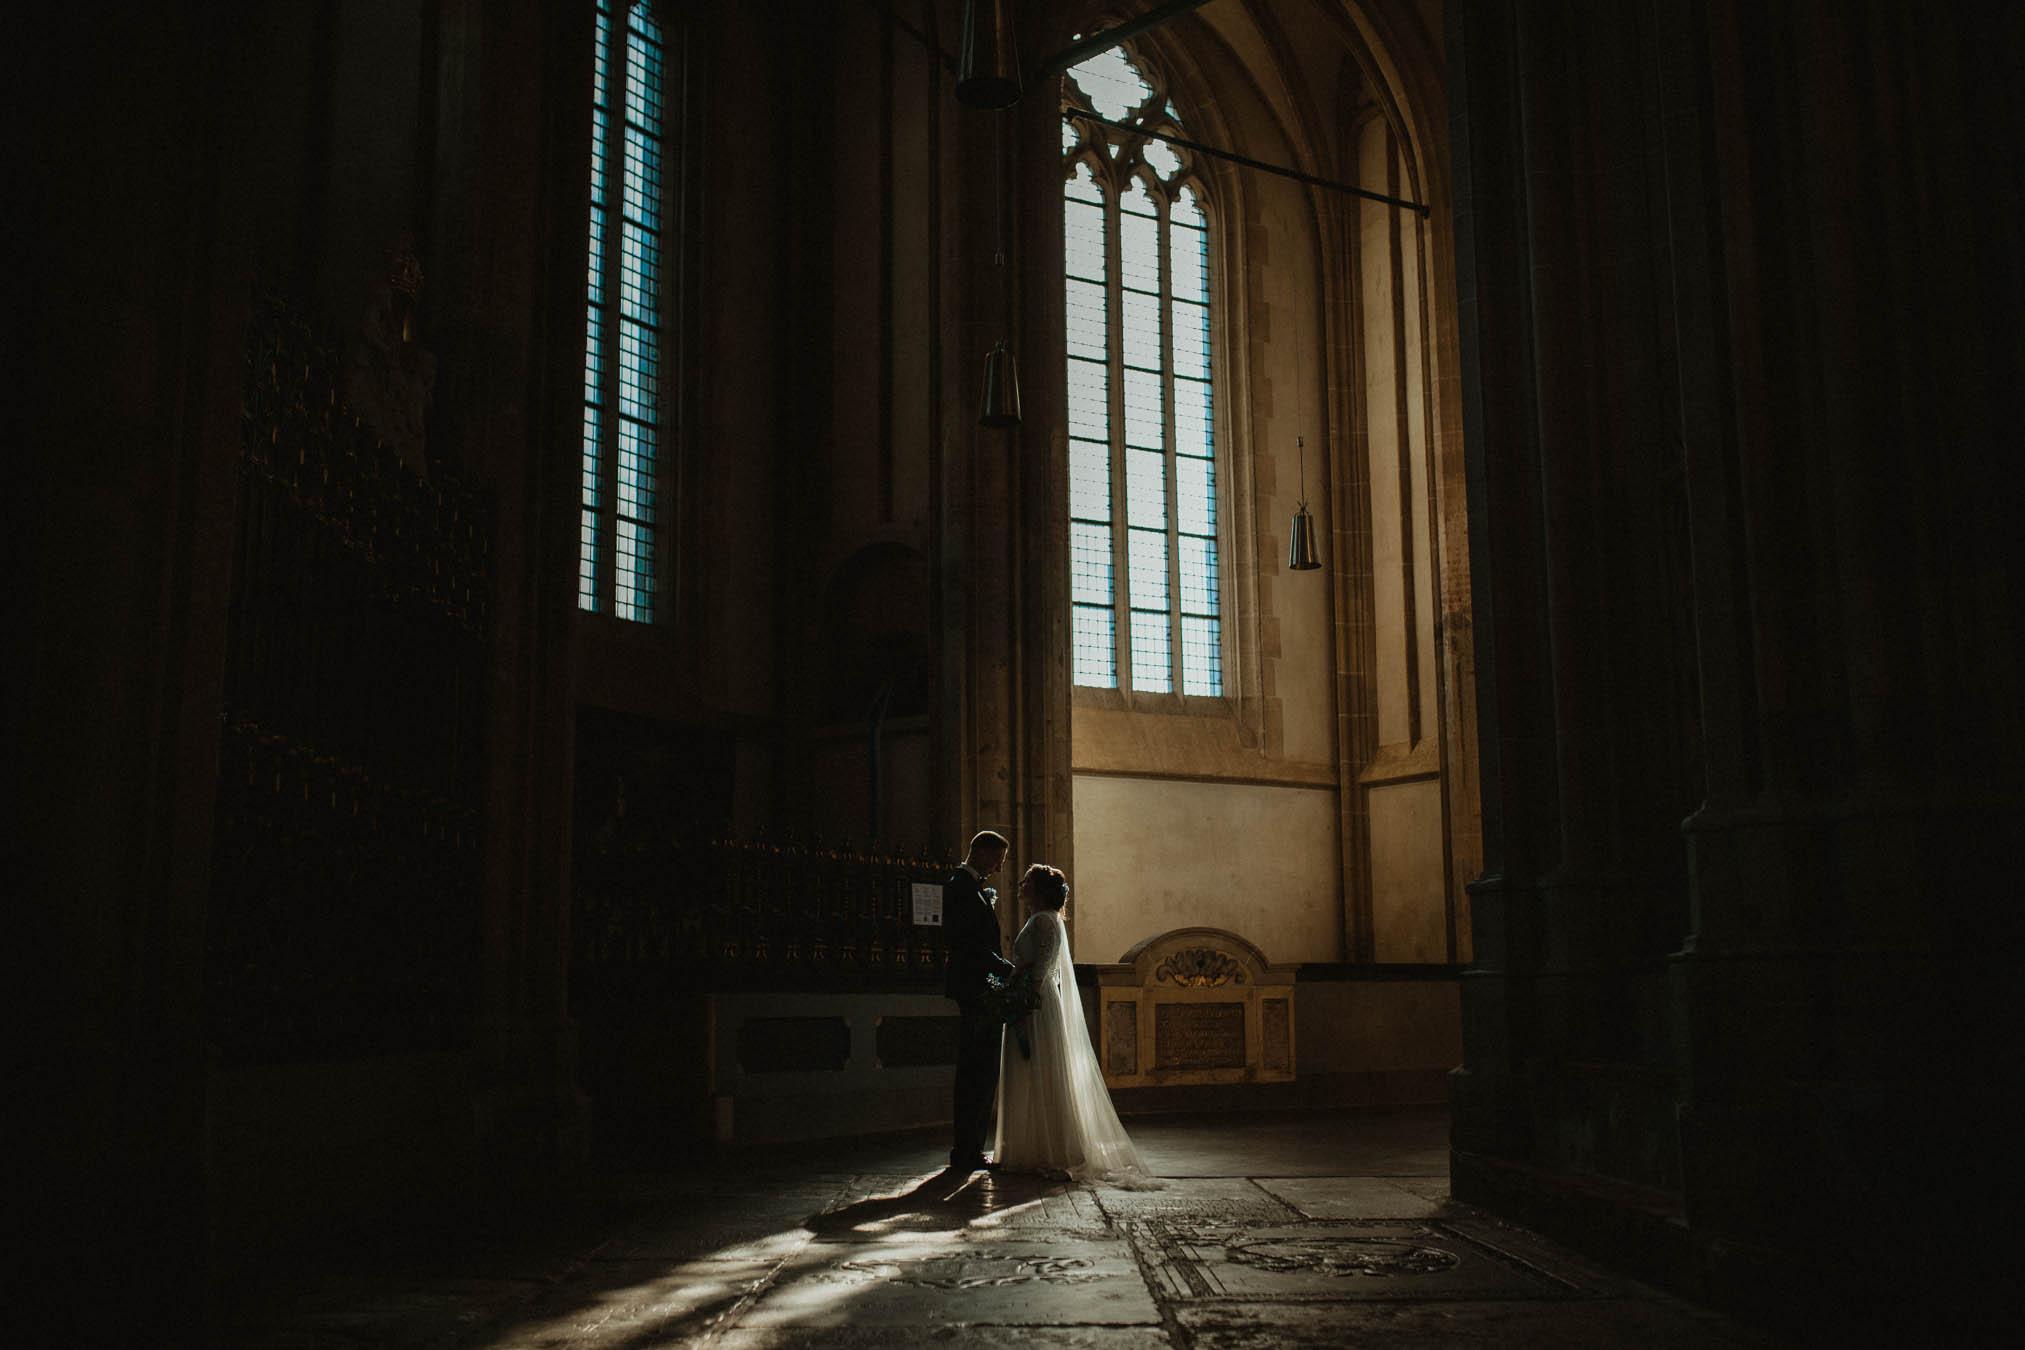 Trouwfoto's in de Bovenkerk in Kampen trouwfotografie door Ilse Stronks fotografie